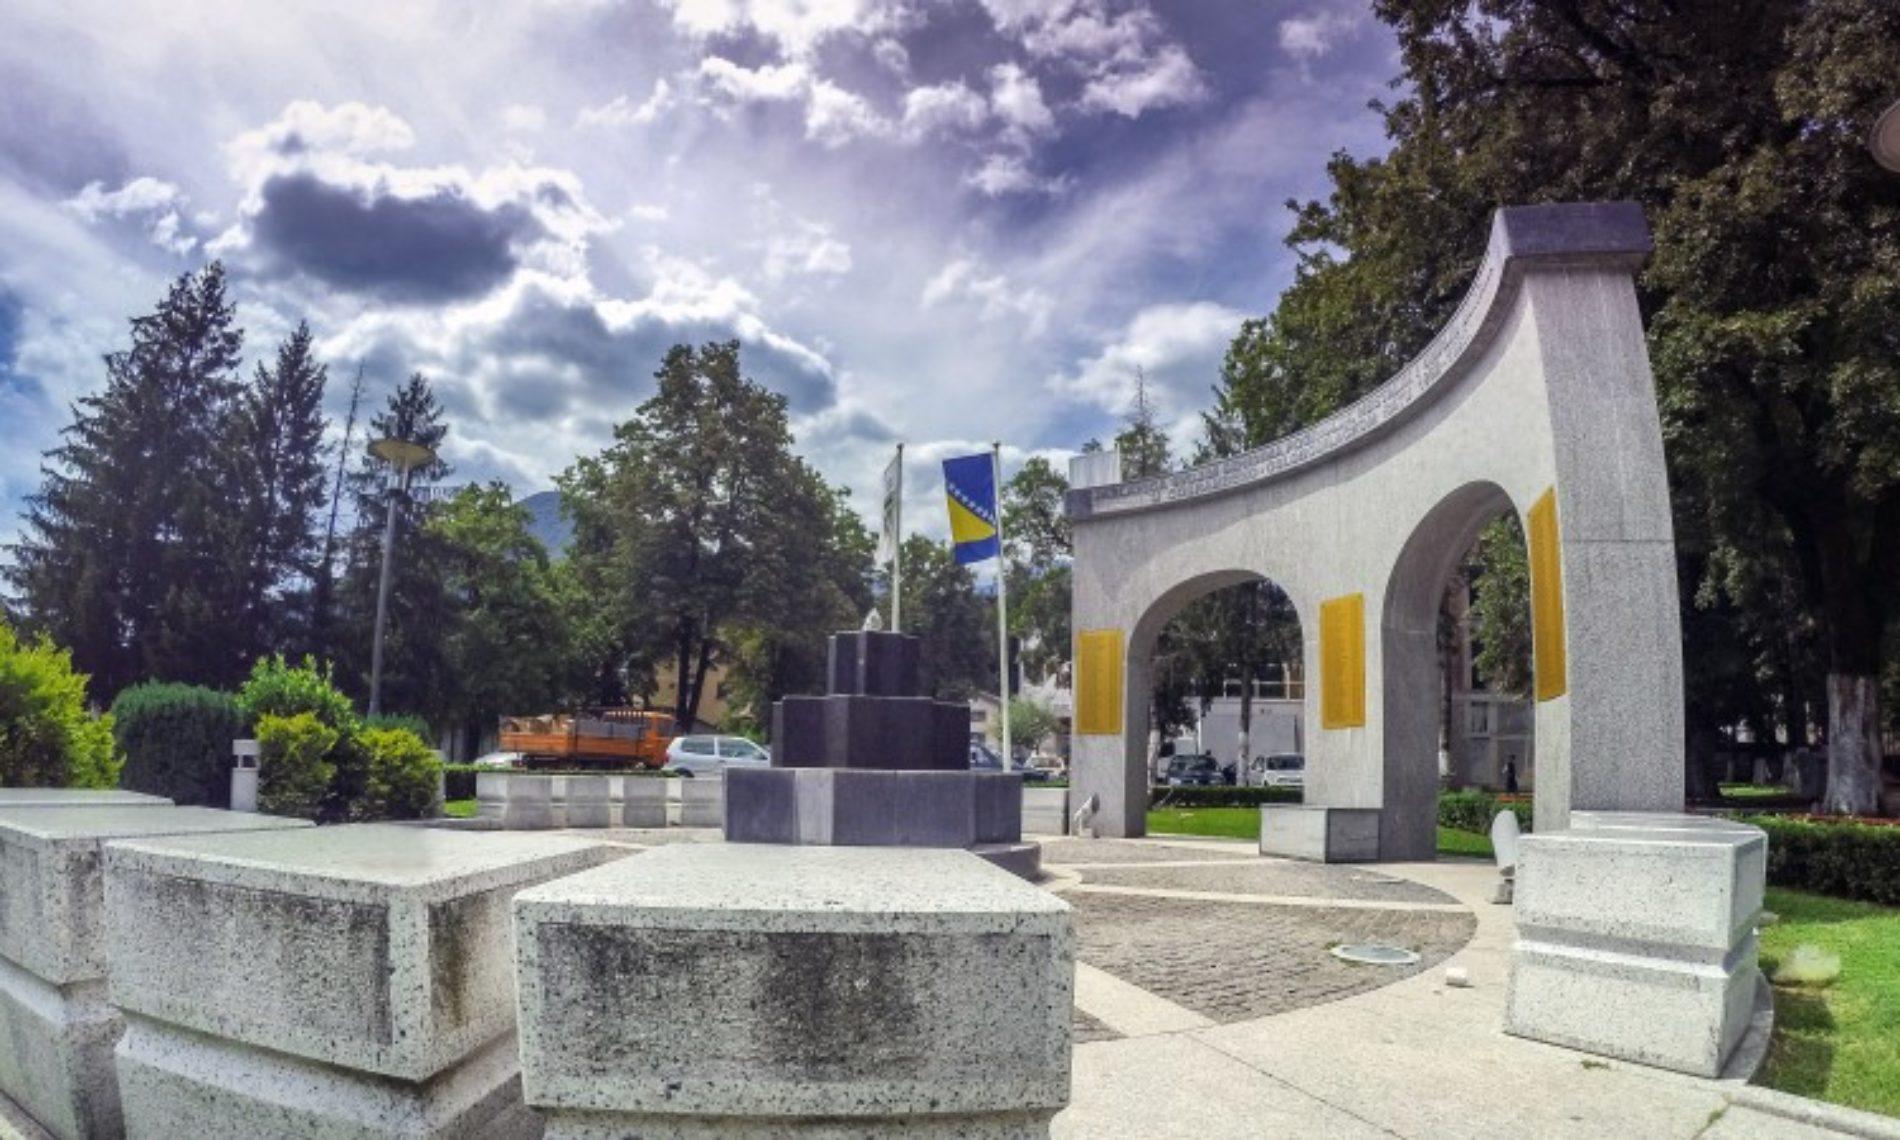 Branioci Hercegovine – Obilježavanje 24. godišnjice Četvrtog korpusa Armije RBiH